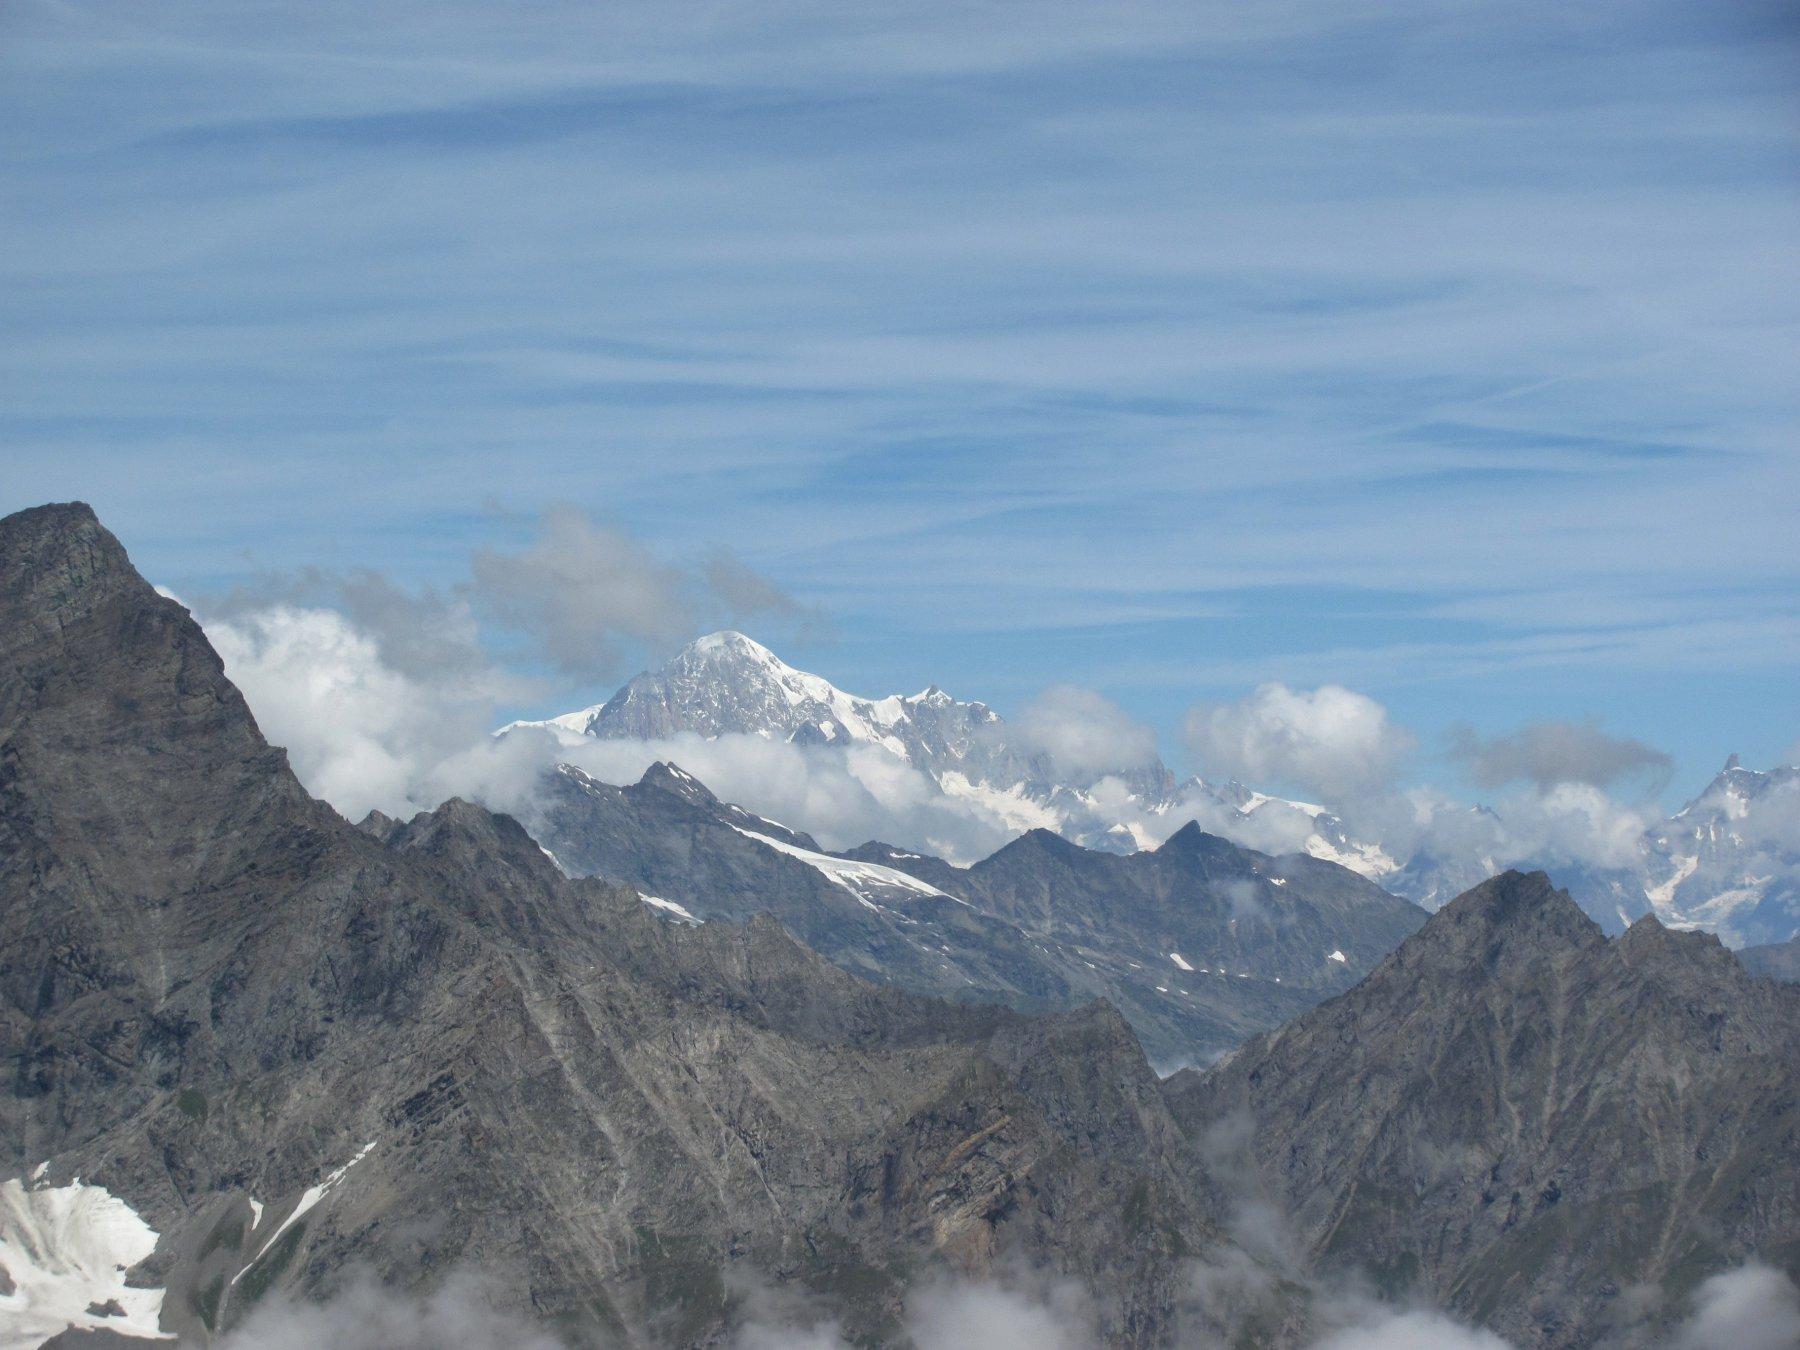 oltre la val di Rhemes: vista su Doravidi e M. Bianco dalla cresta